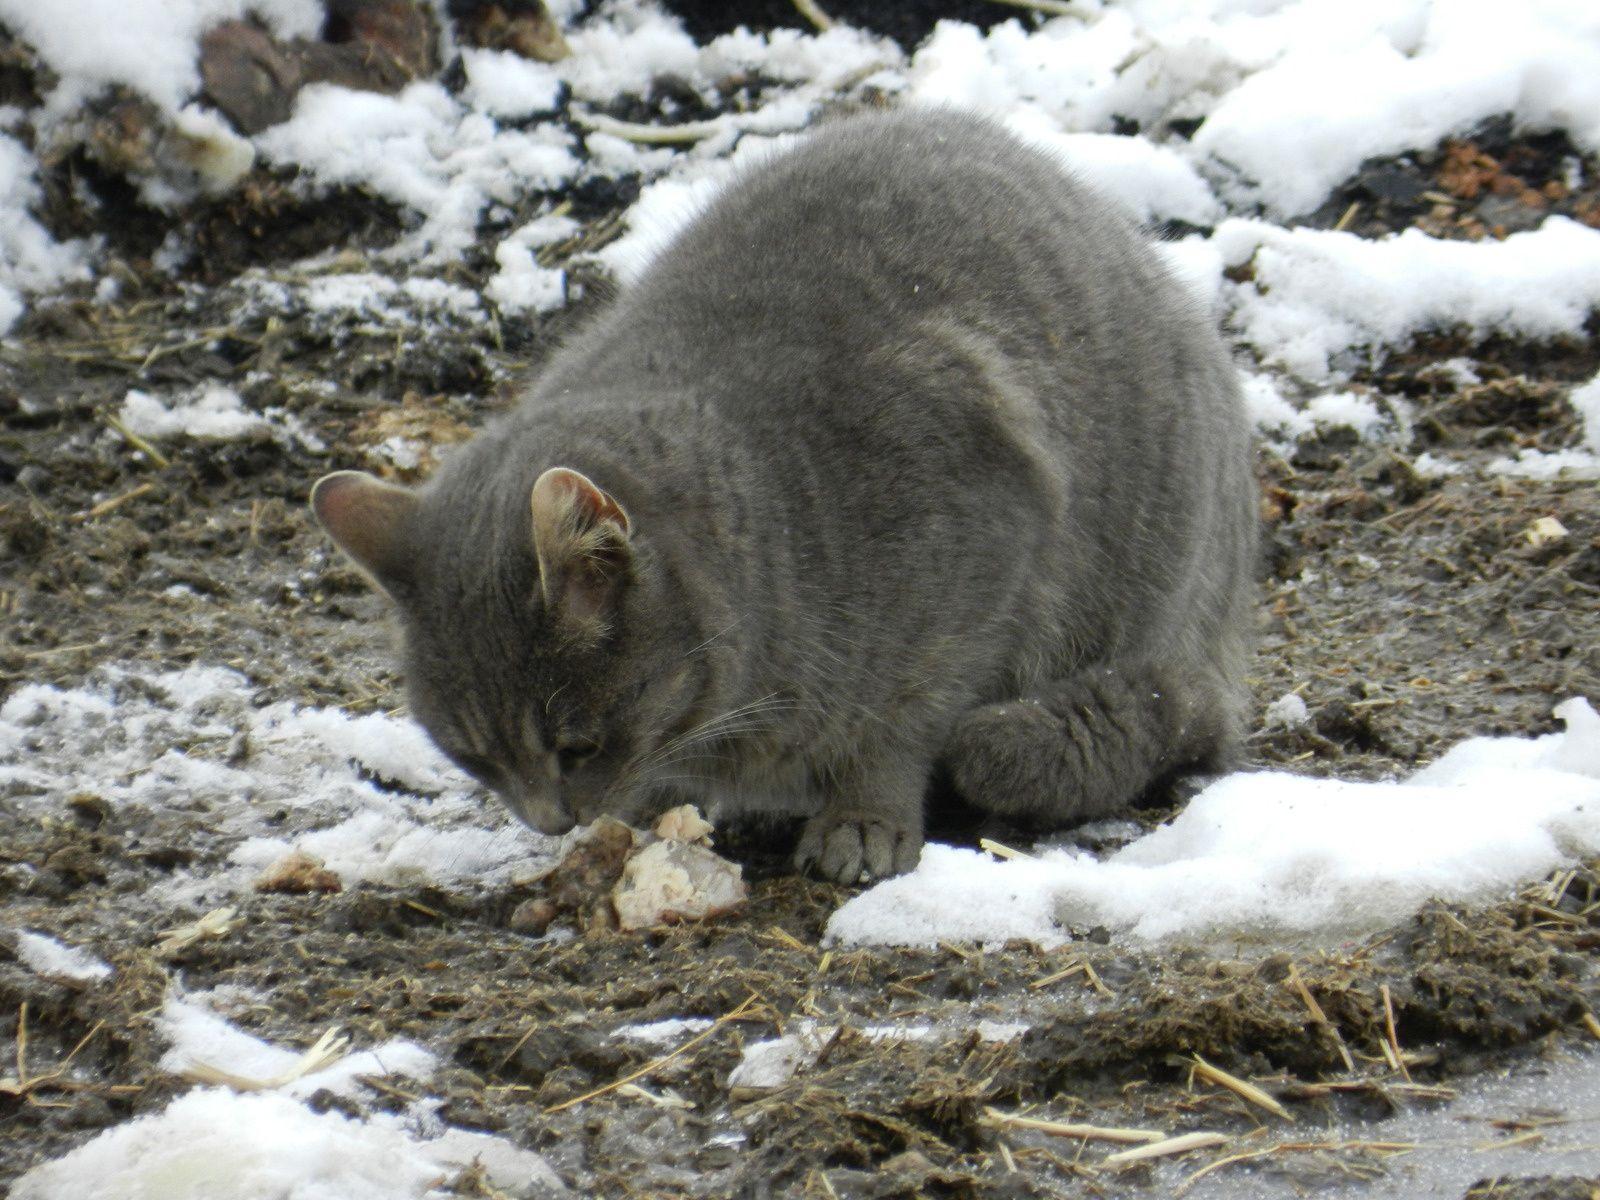 Chat gris. Techniques d'élevage. Image soumise à droits d'auteur